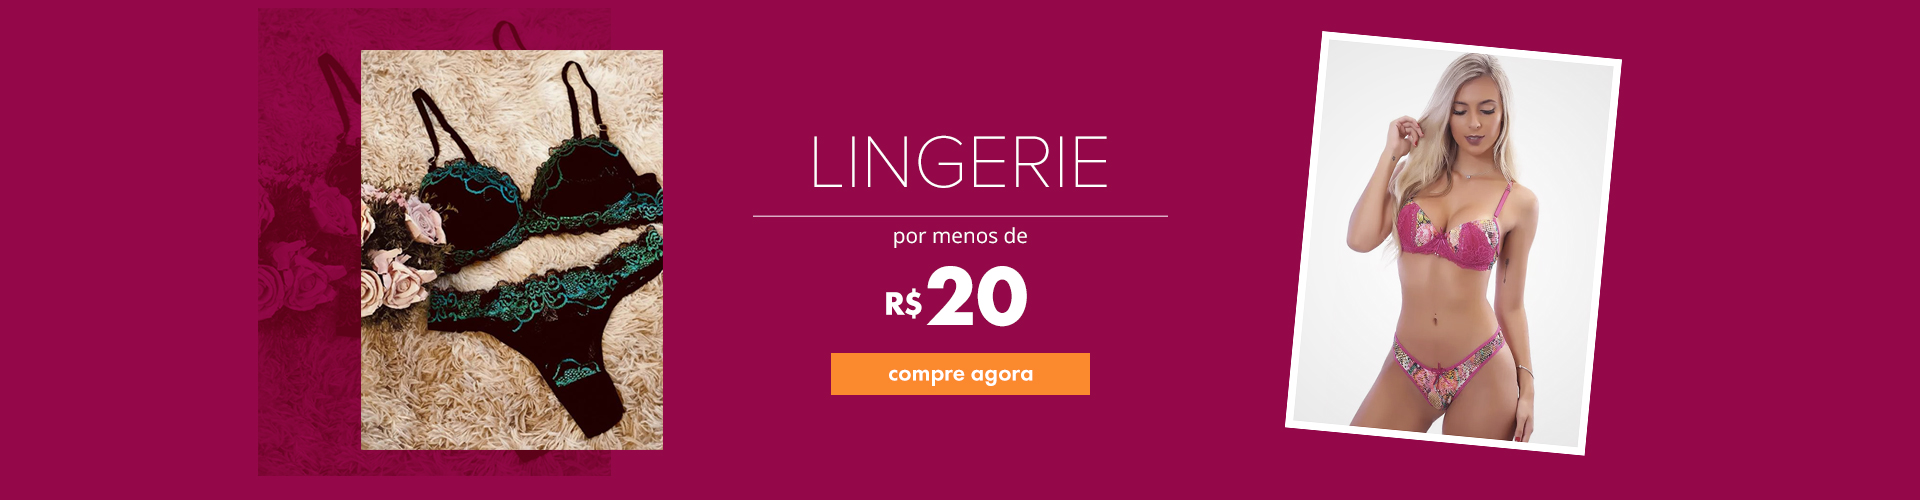 Lingerie por menos de R$20 compre agora